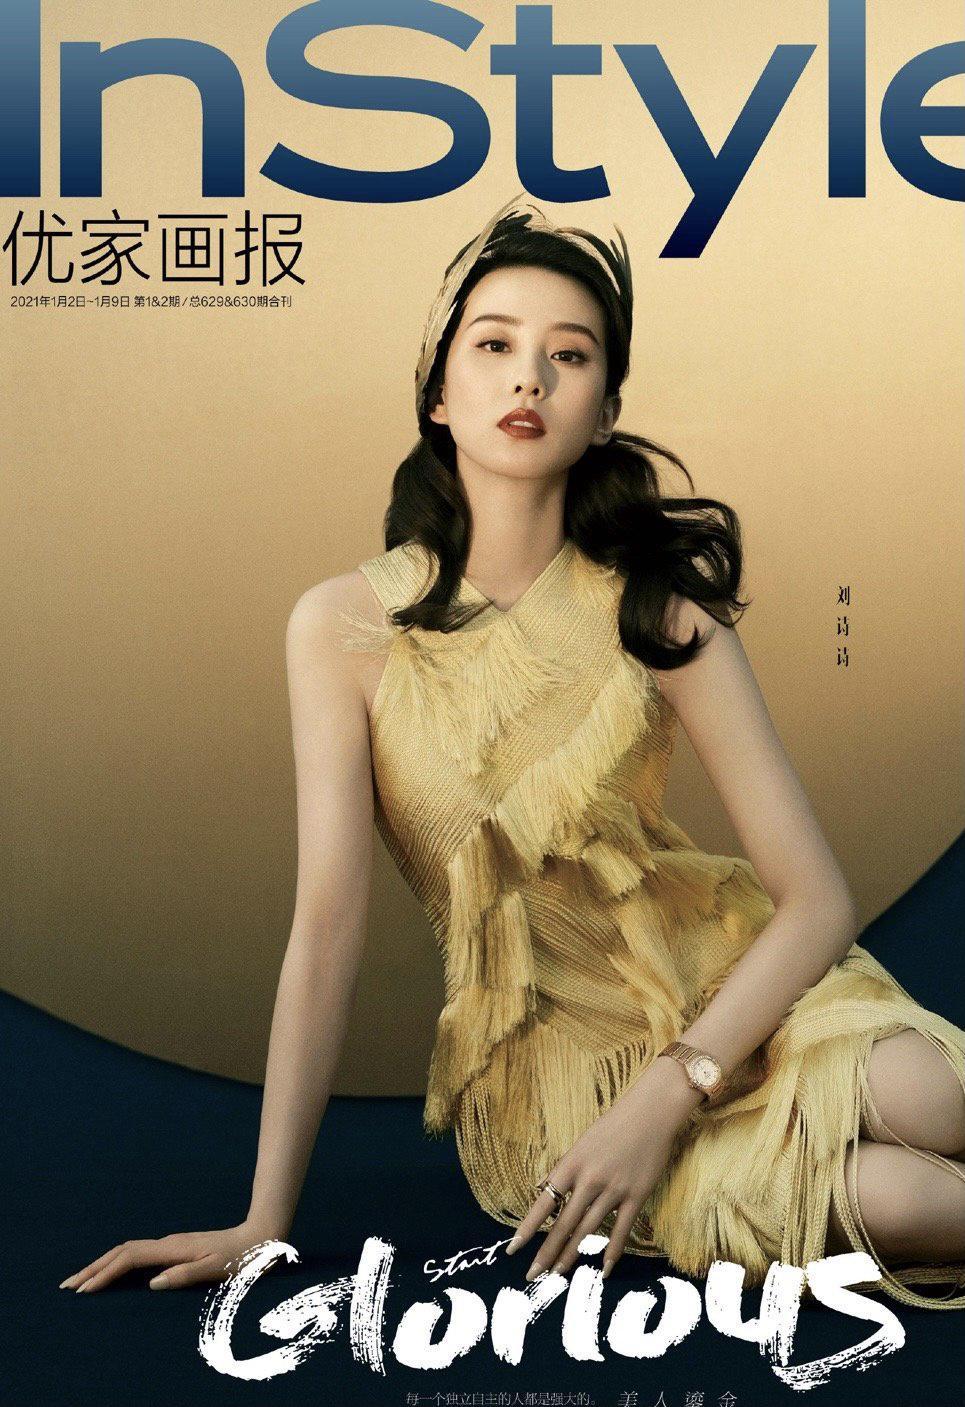 刘诗诗鎏金大片演绎高贵优雅,复古感十足超吸睛,这表现力好心动